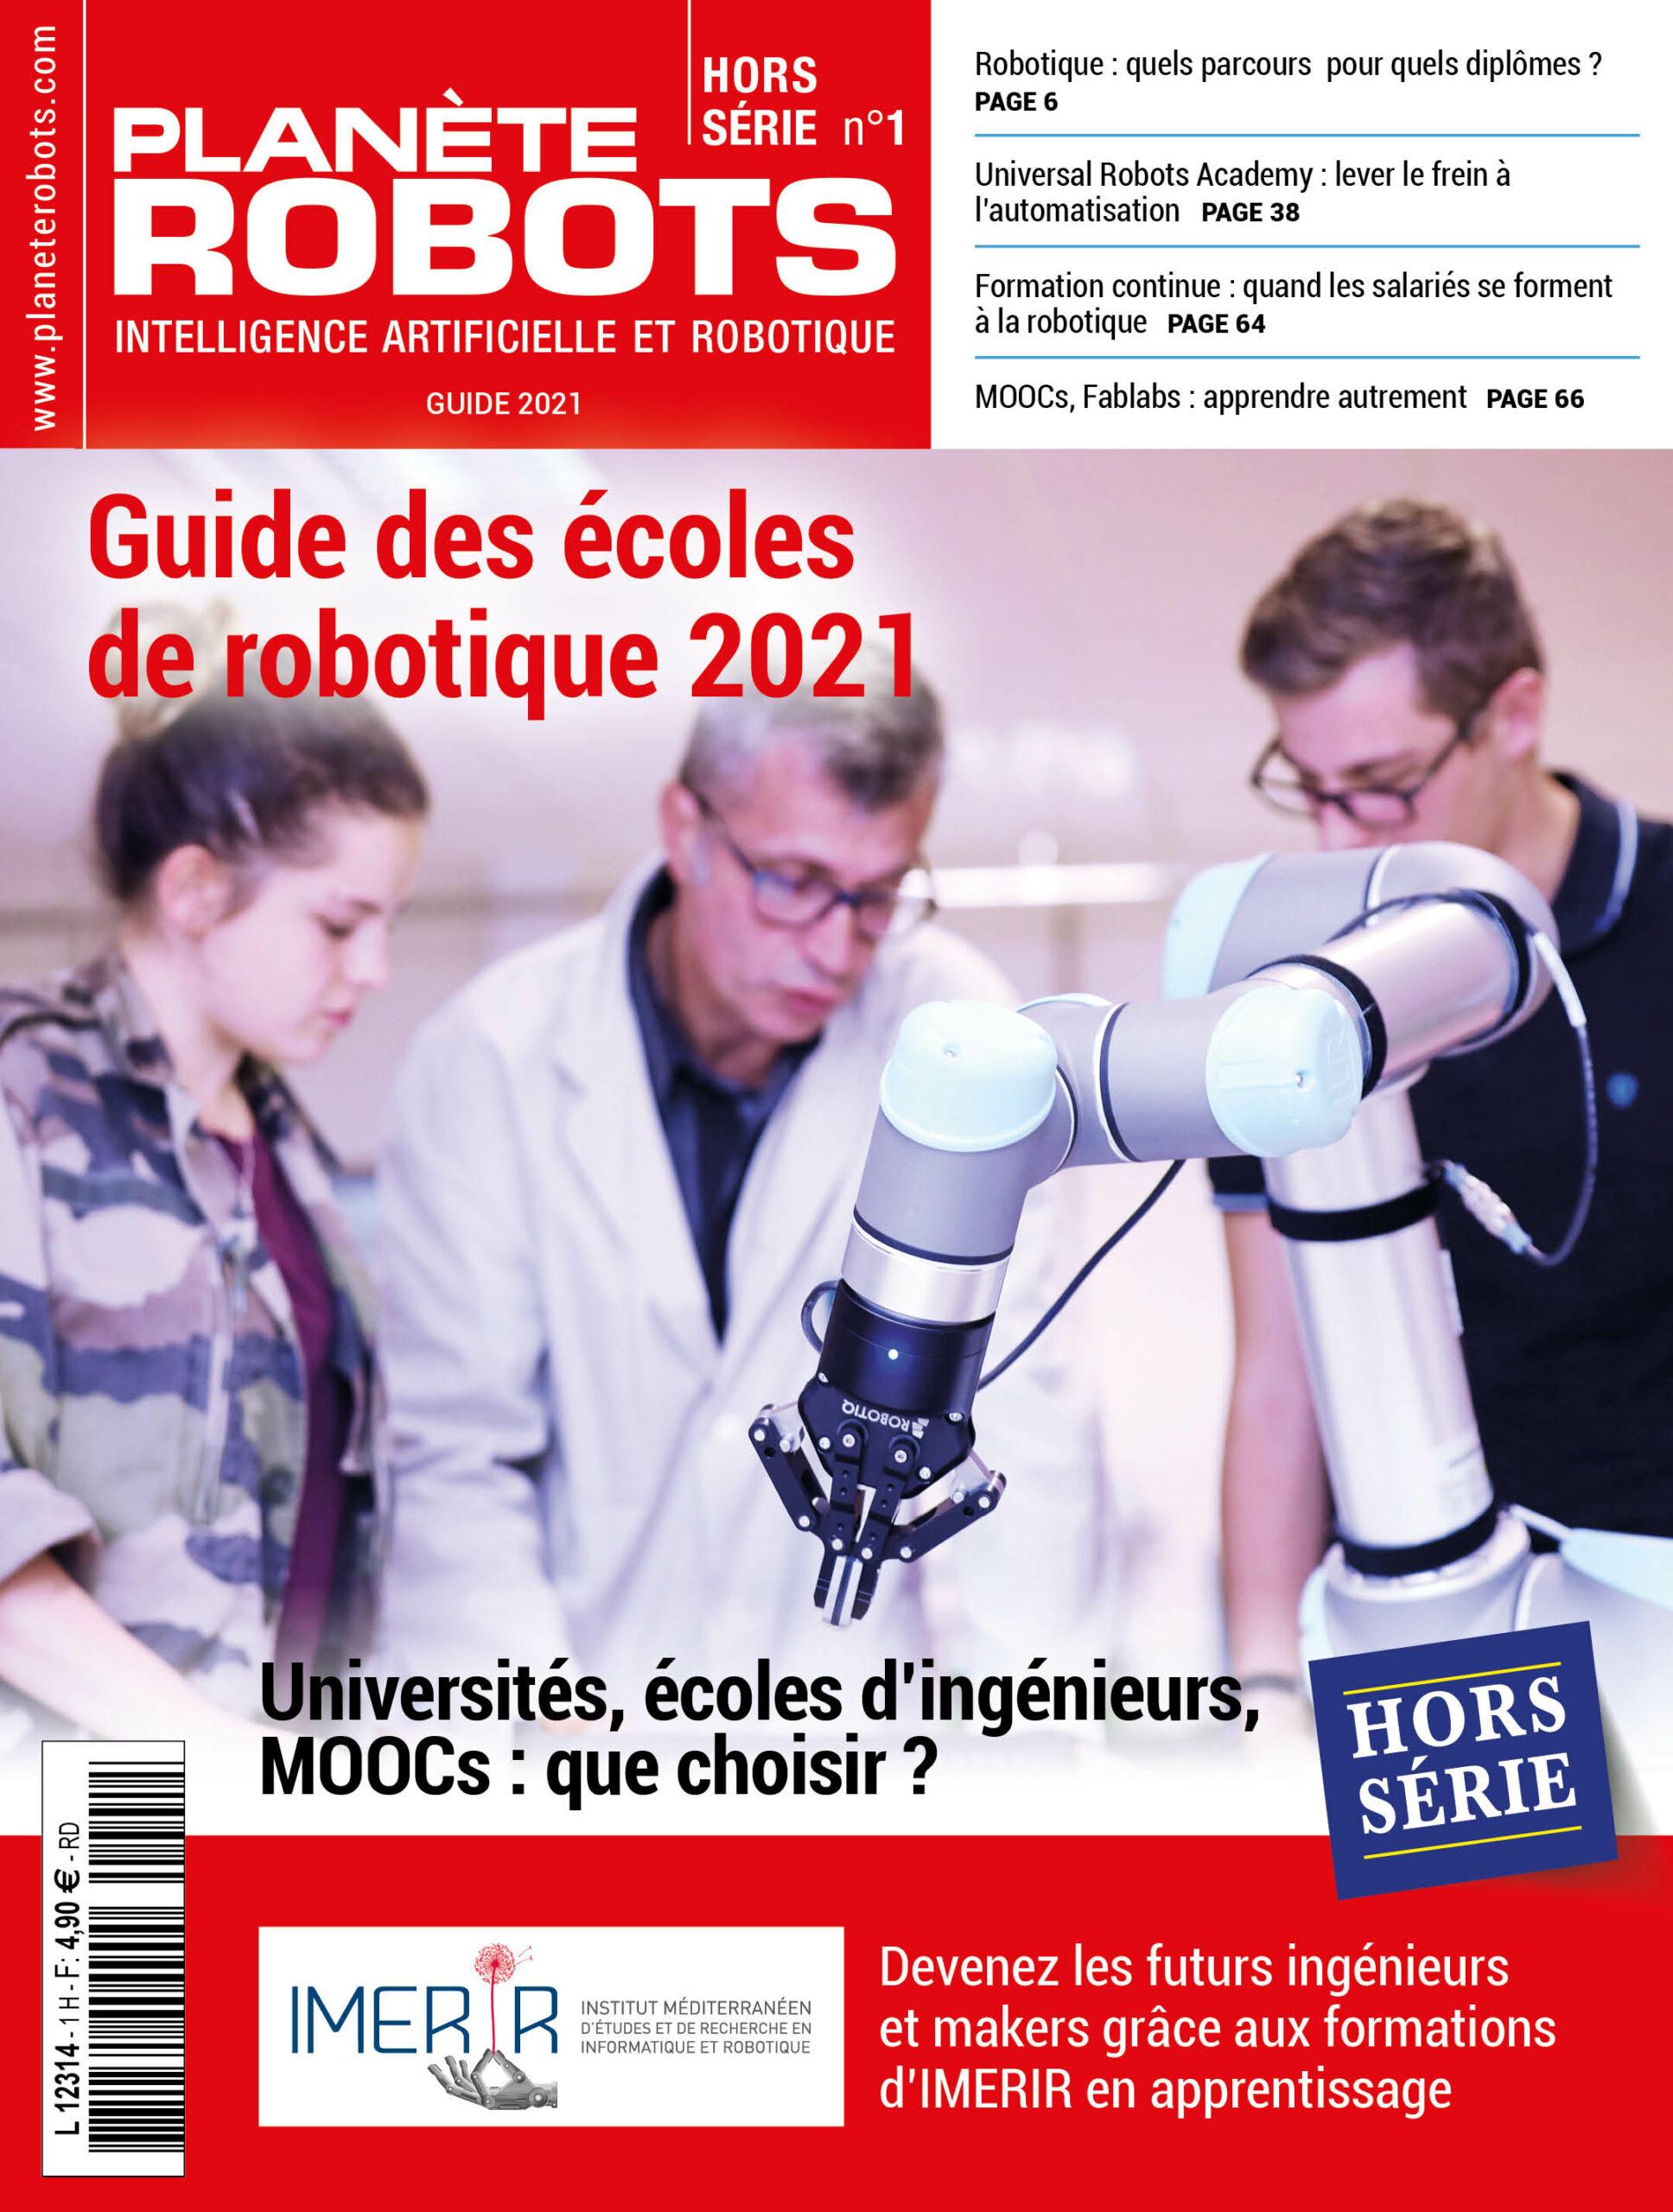 premier Guide des écoles de robotique de Planète Robots